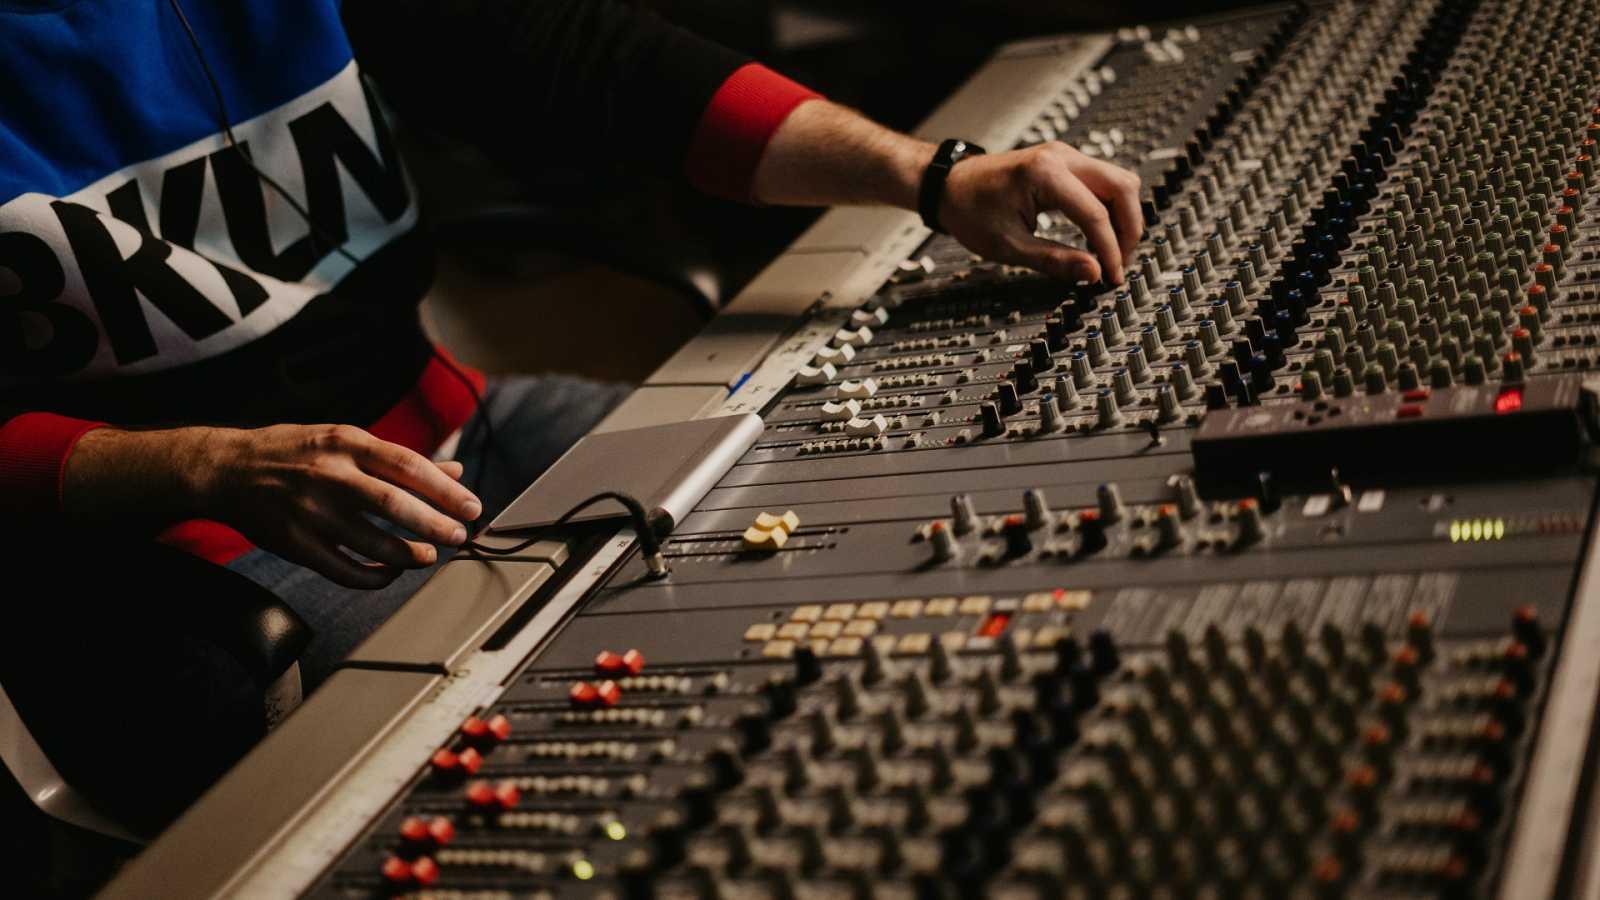 La Púa de Radio 3 Extra - ¿Qué es producir un disco? Con José Nortes - 15/05/21 - escuchar ahora